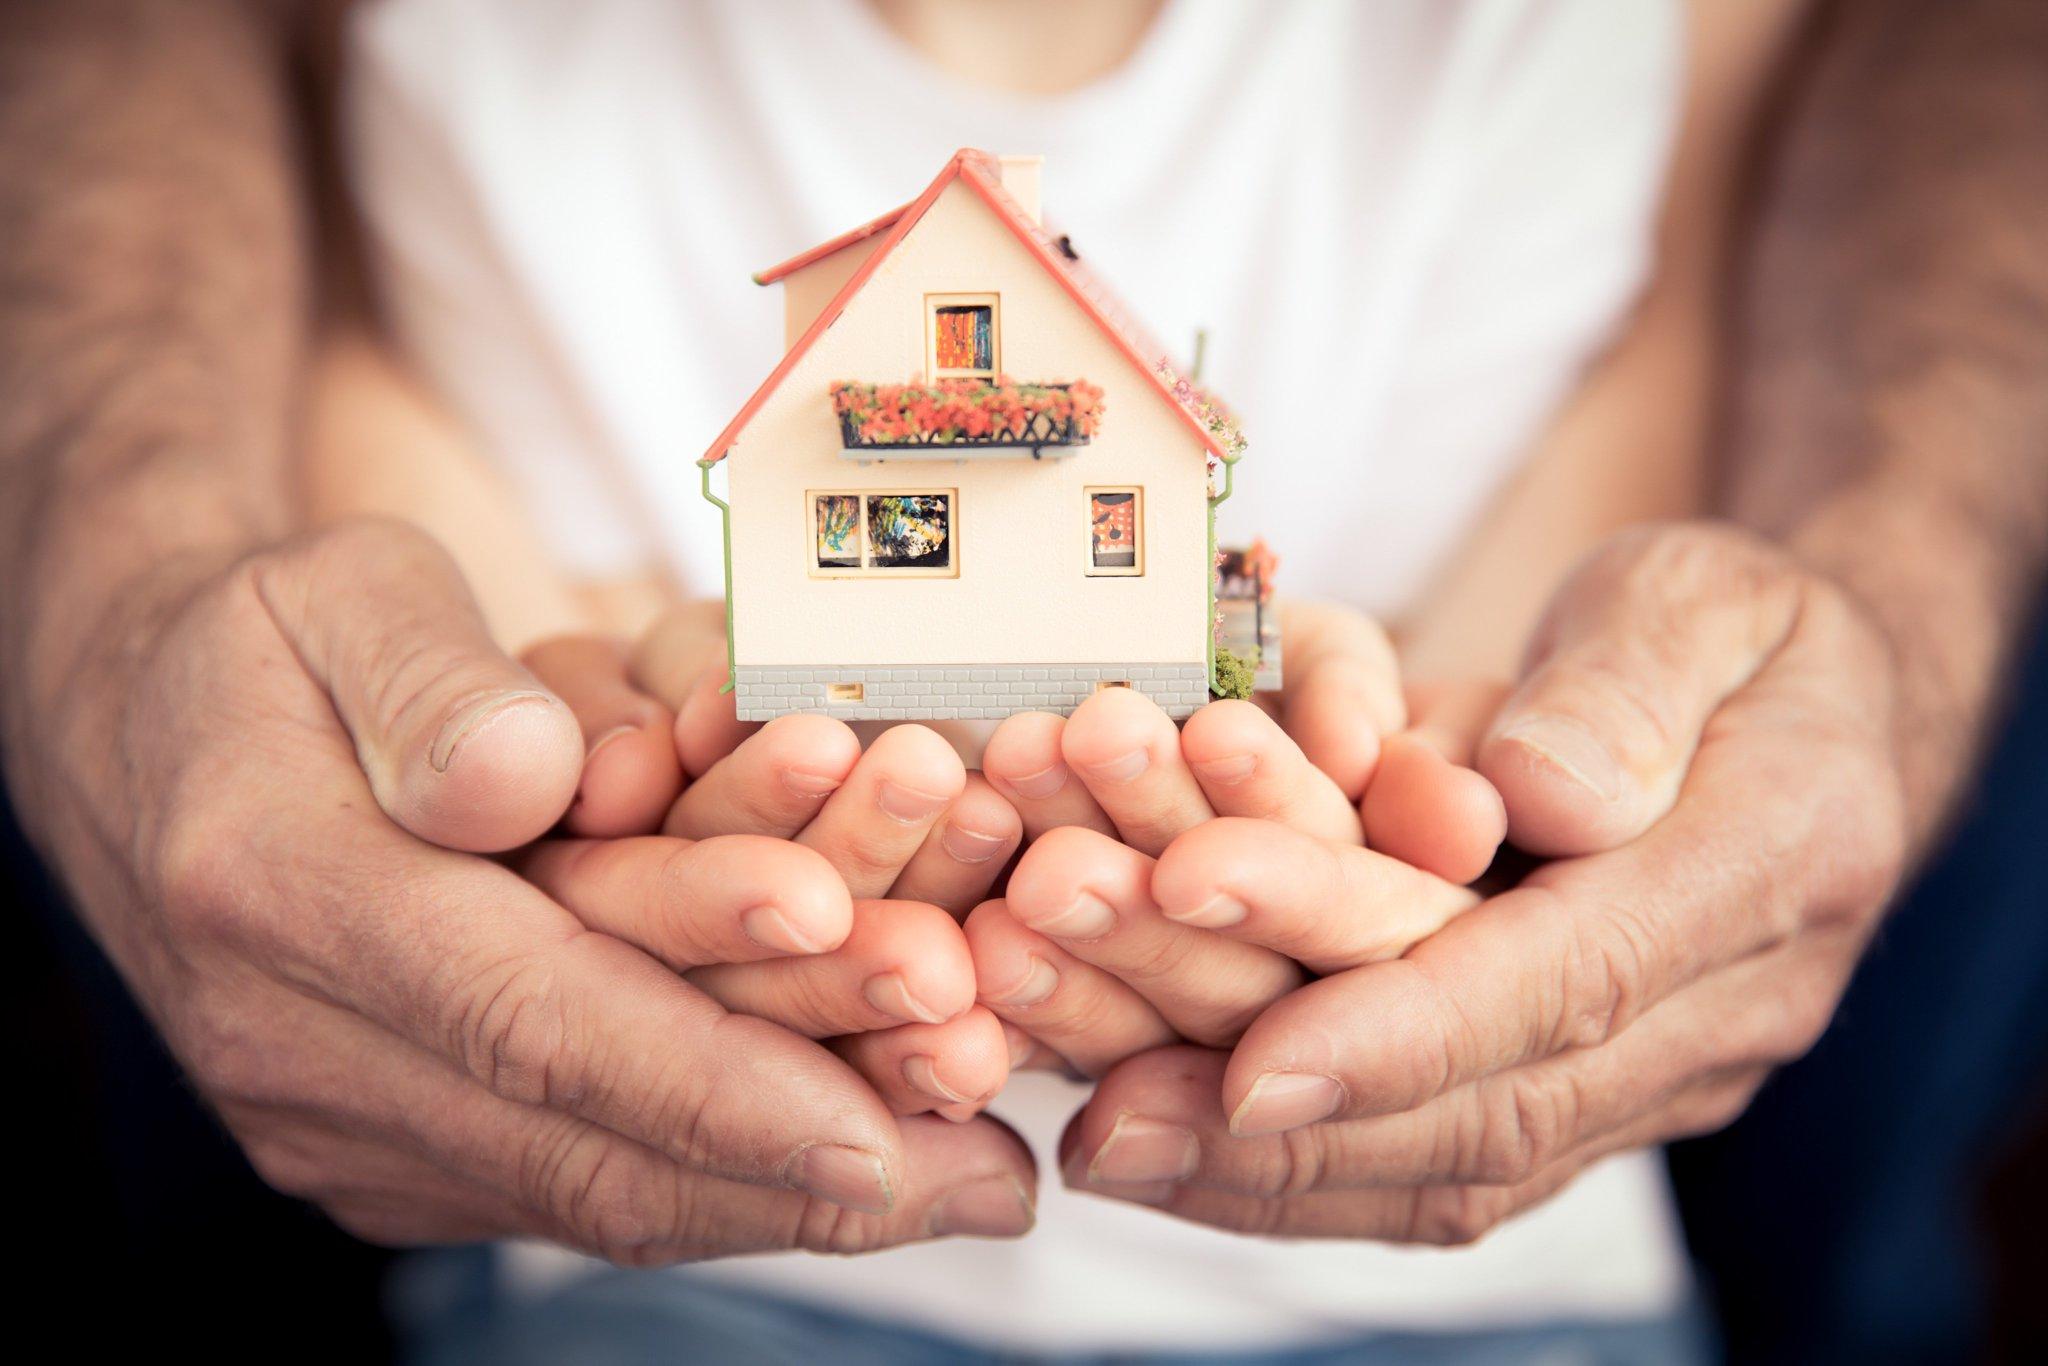 картинки коллективная помощь дом строить орнамент чешуя